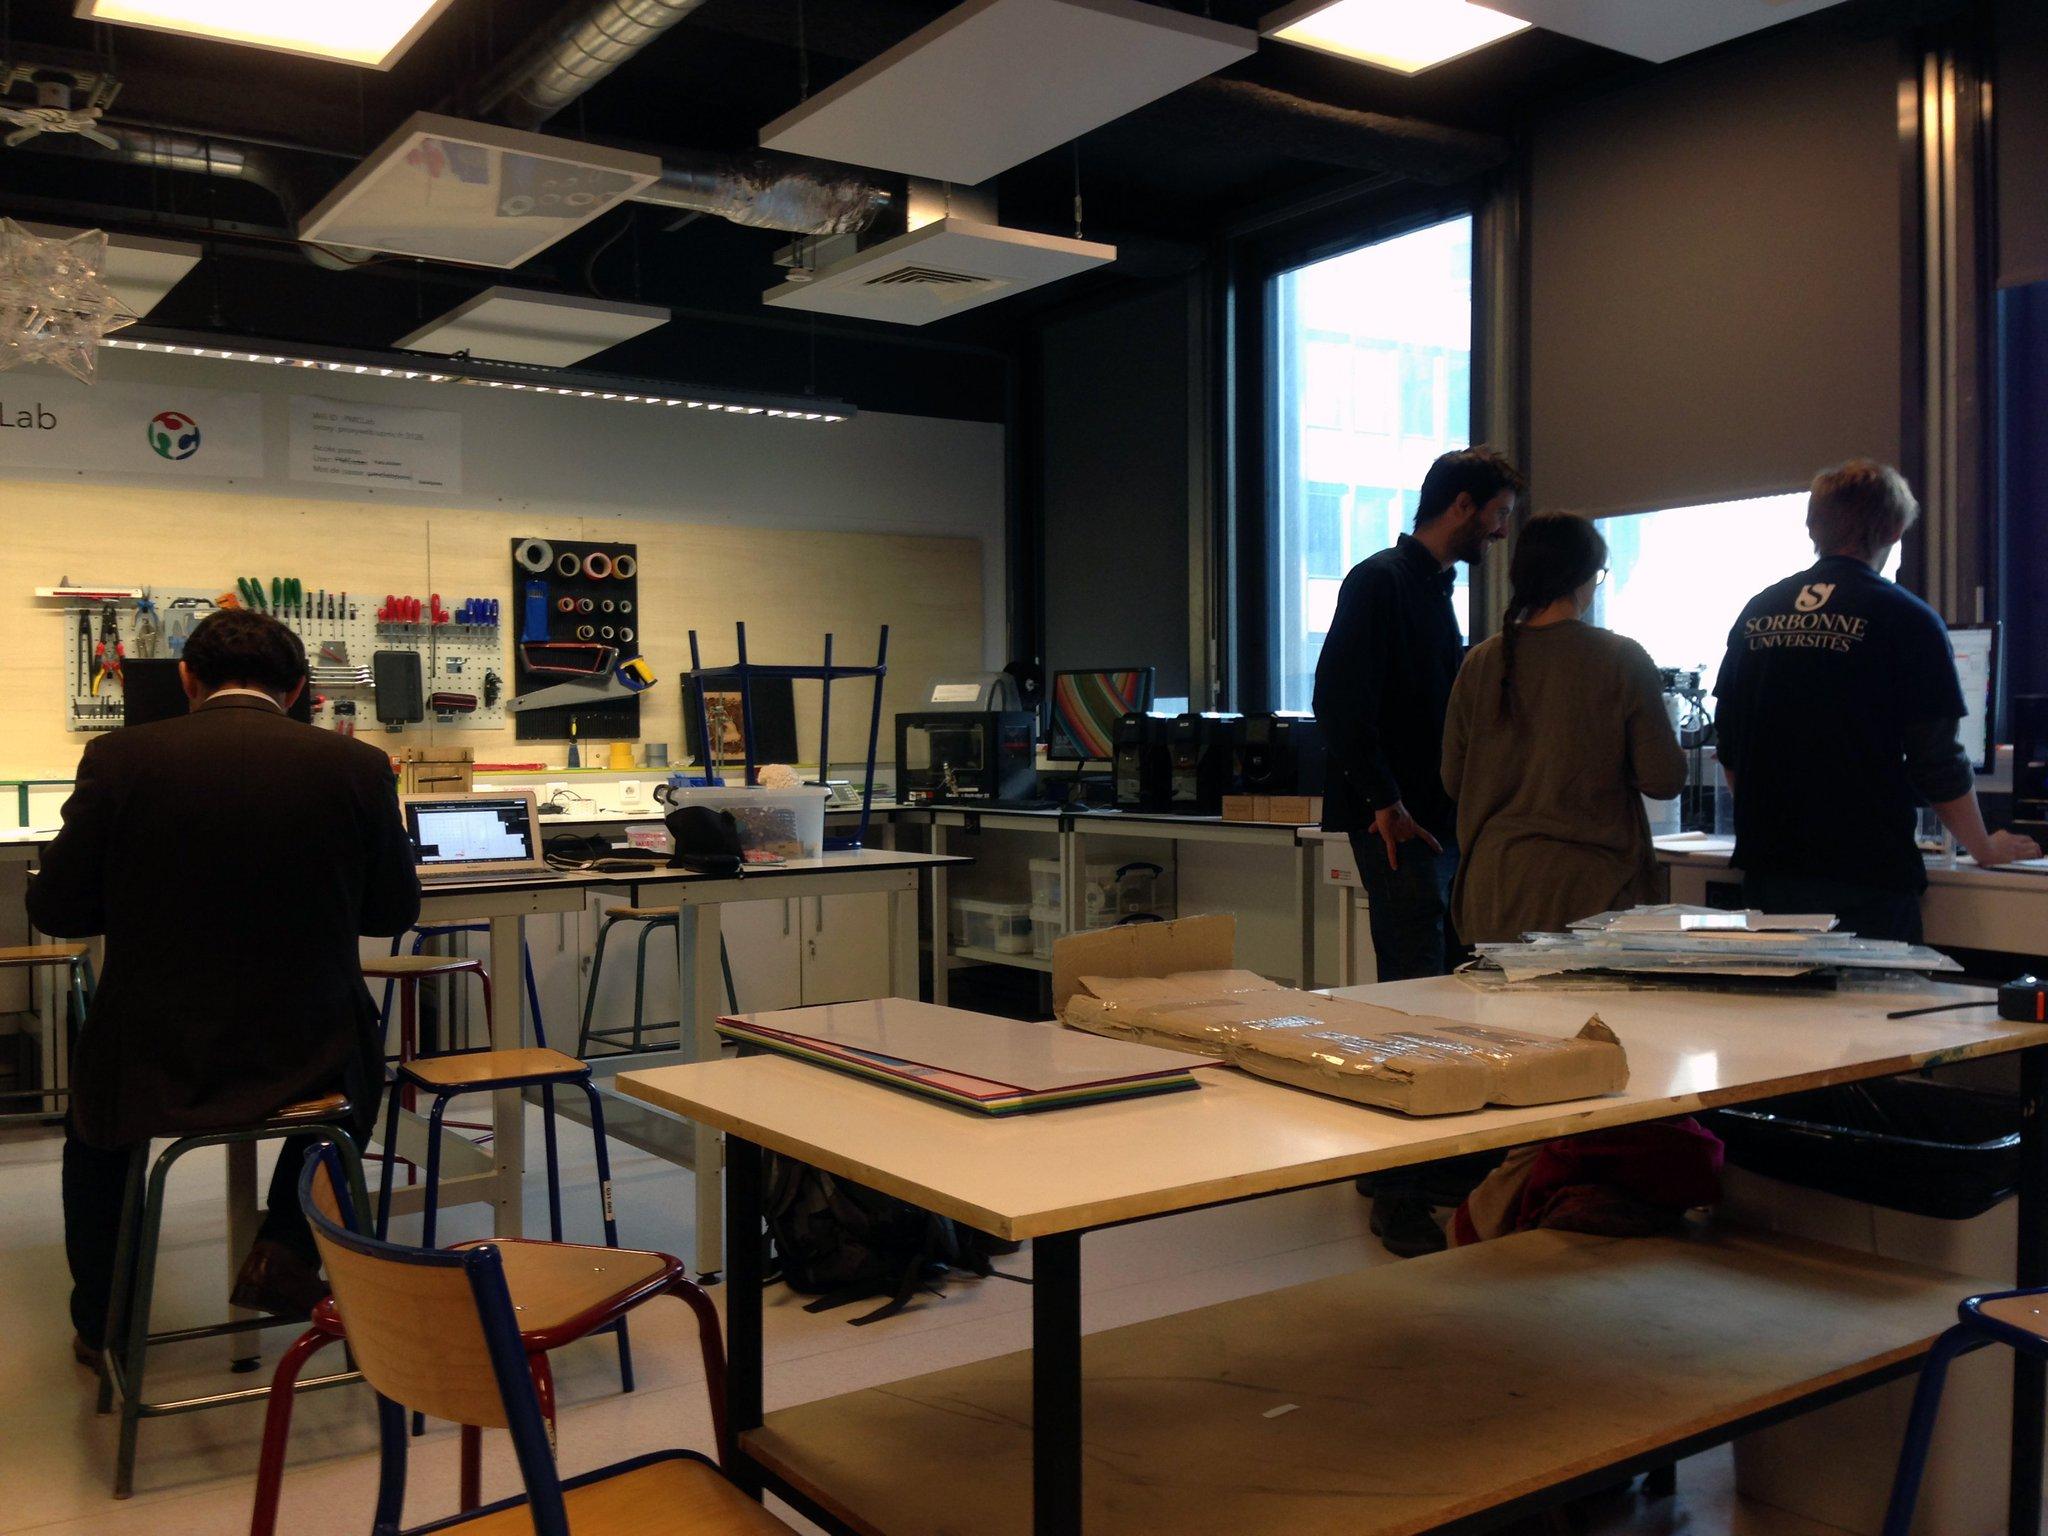 Pour la fabrication du Kit de @cybunk, nous sommes accueillis au FabLab de l'@upmc par @ChSimonUPMC,  Baptiste Lefevres et Louis Mamelle. https://t.co/5PrR3u4gcb